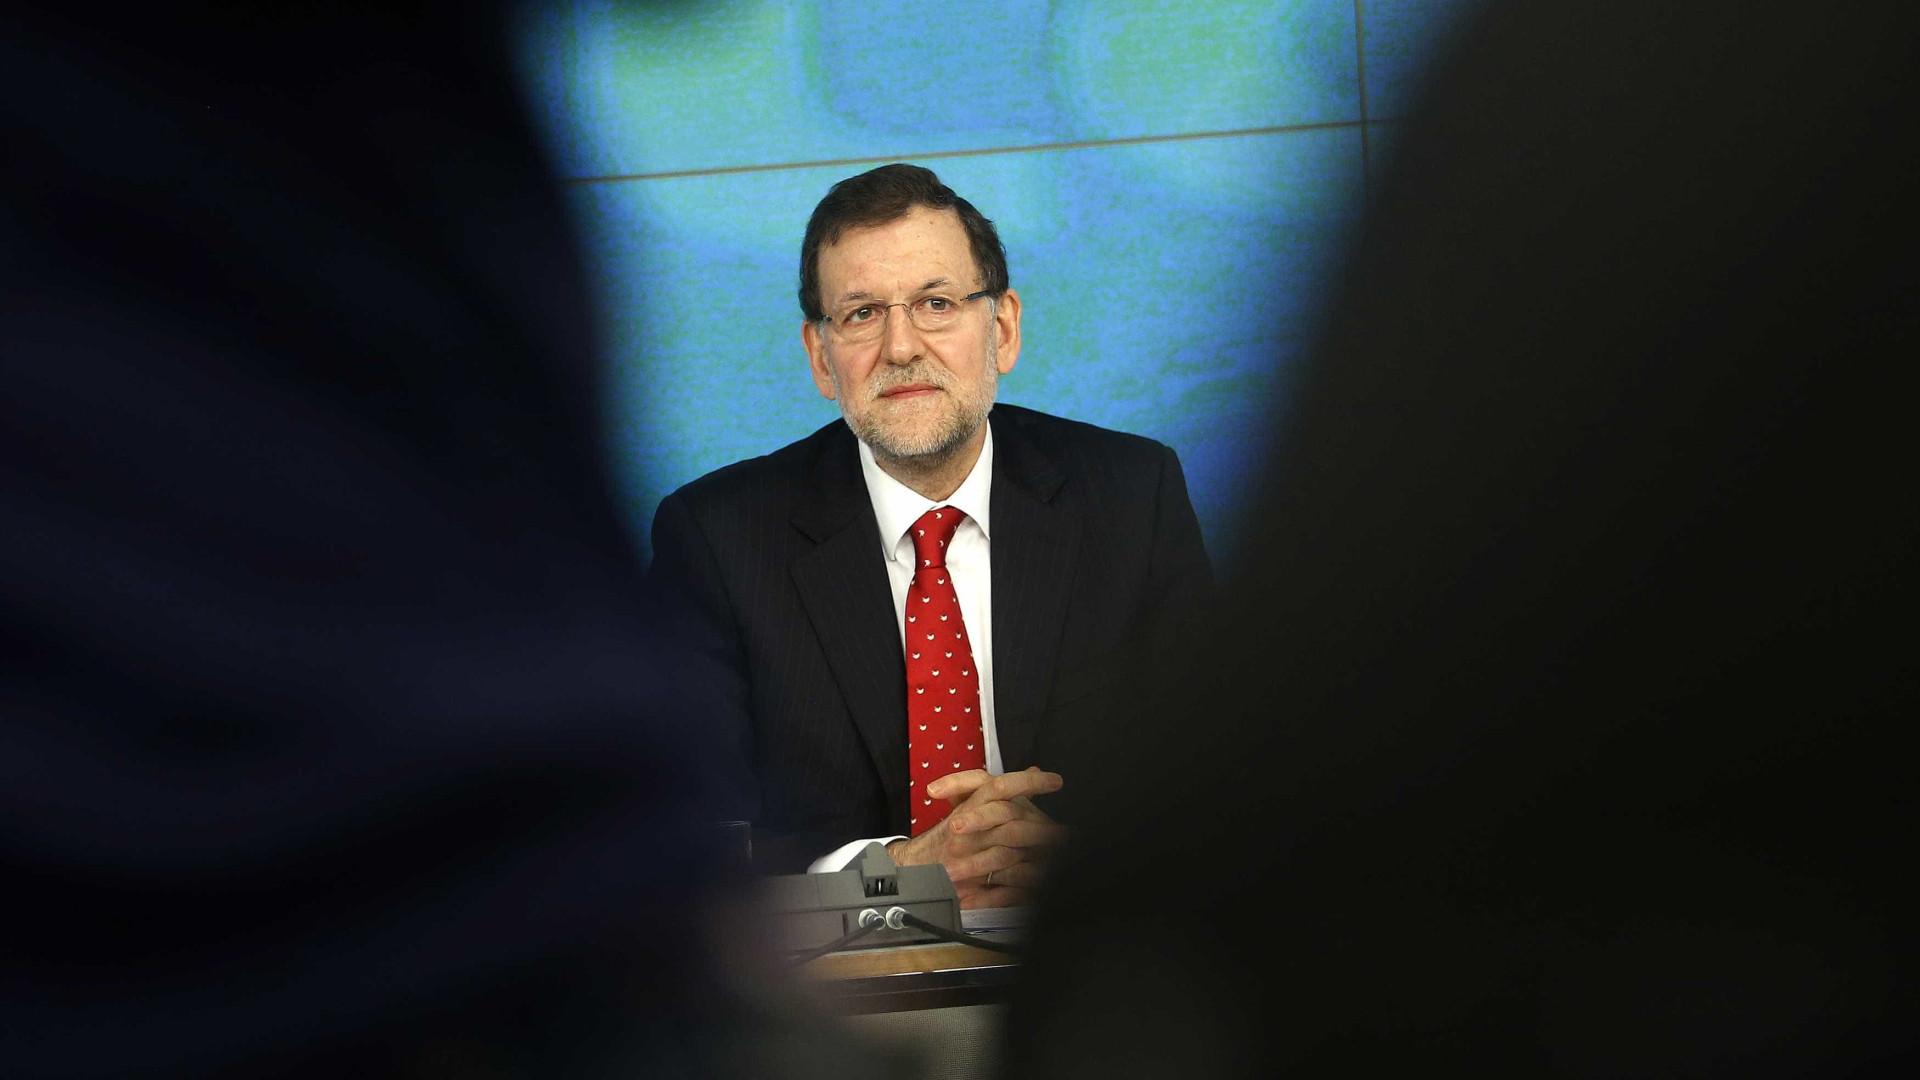 Mariano Rajoy anuncia saída de liderança do PP